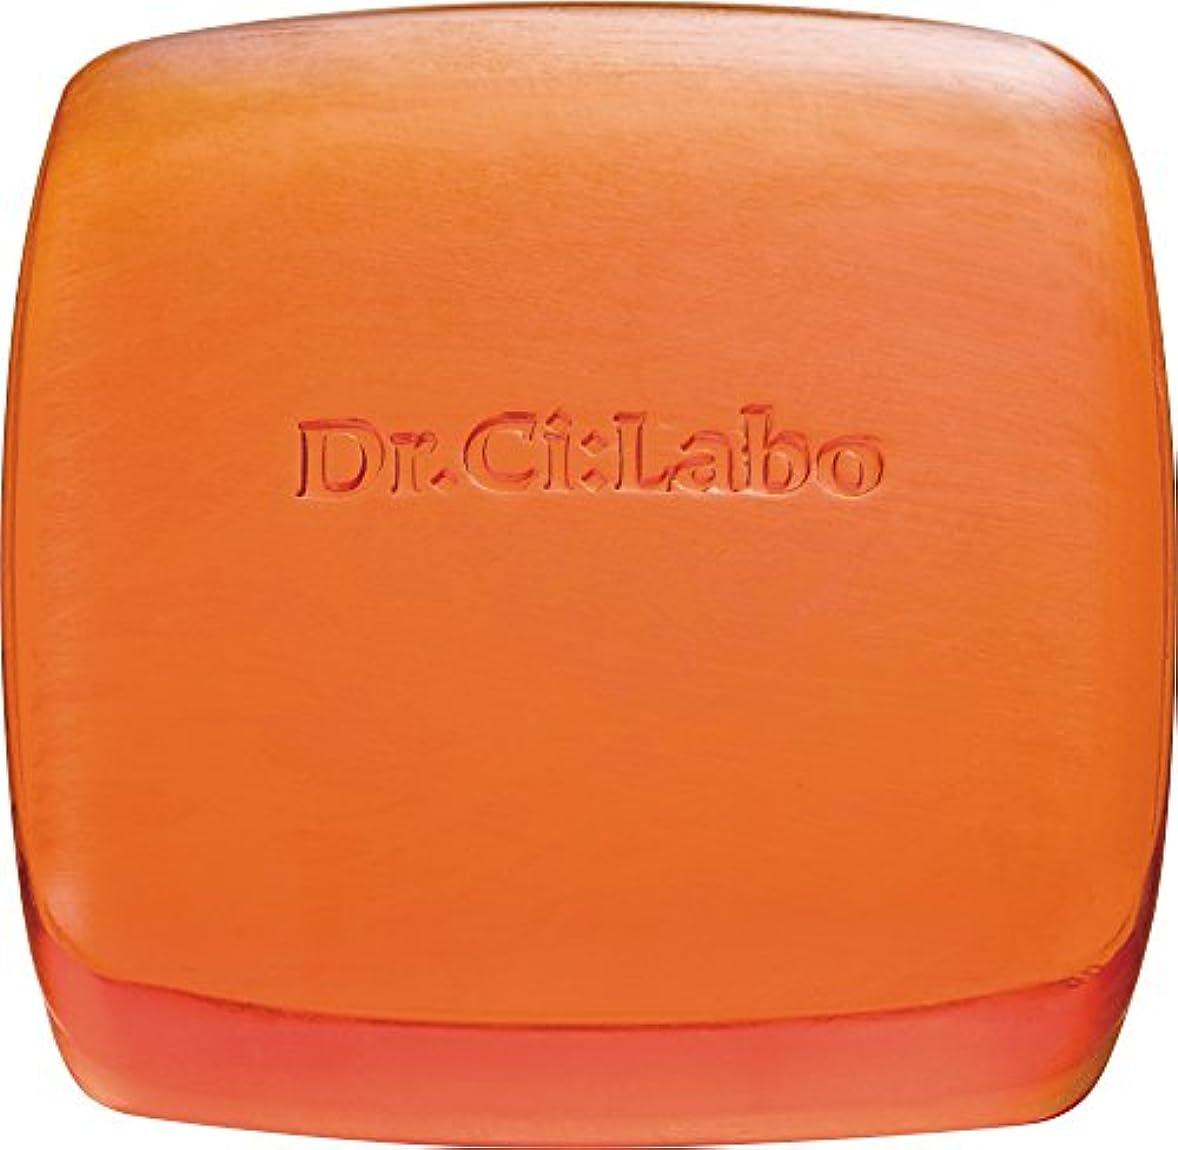 カートベリー植物学者ドクターシーラボ VC100ピーリングソープ 100g 洗顔石鹸